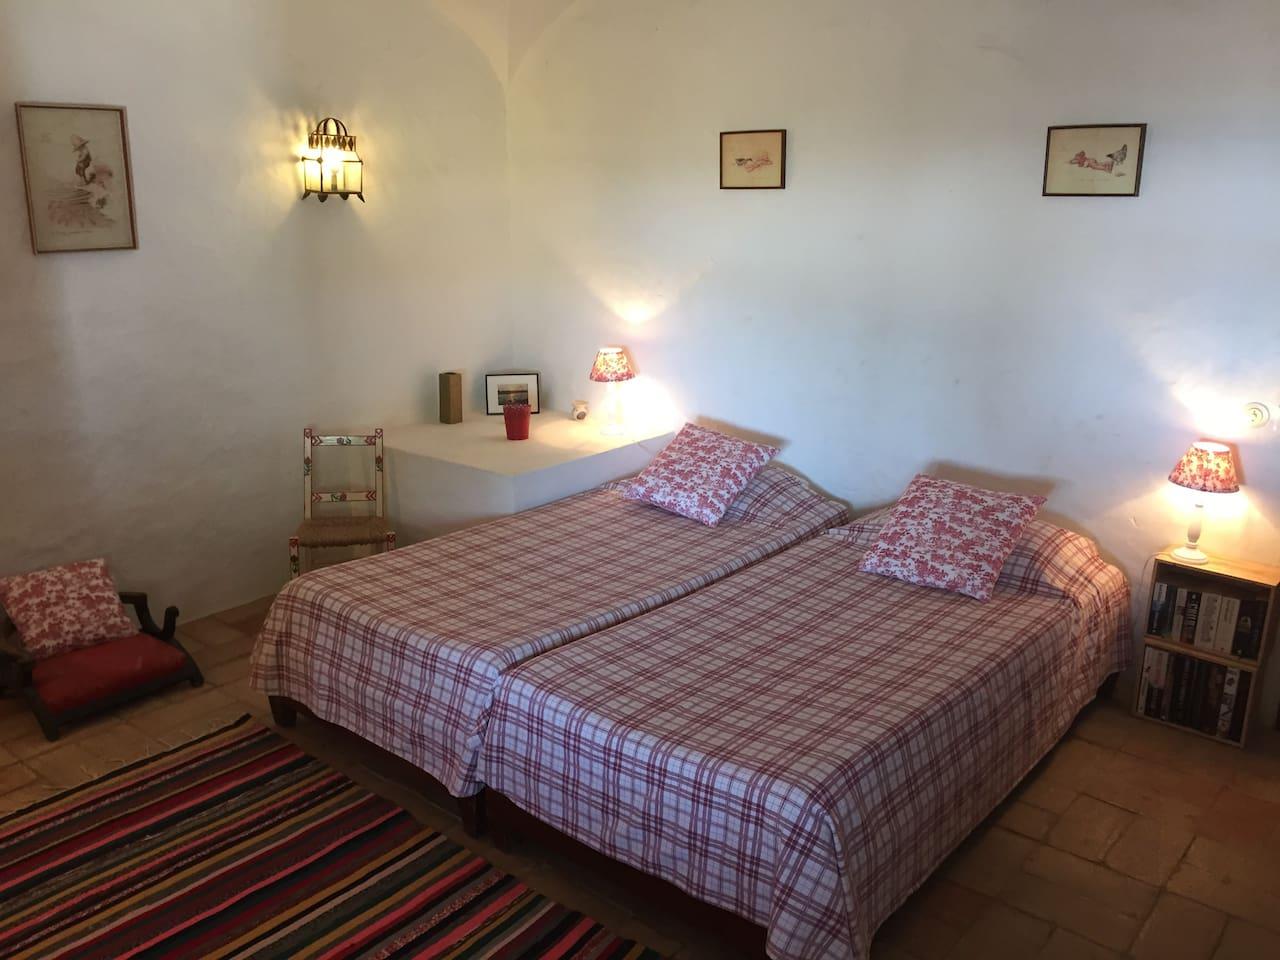 Red Bedroom beds arranged together